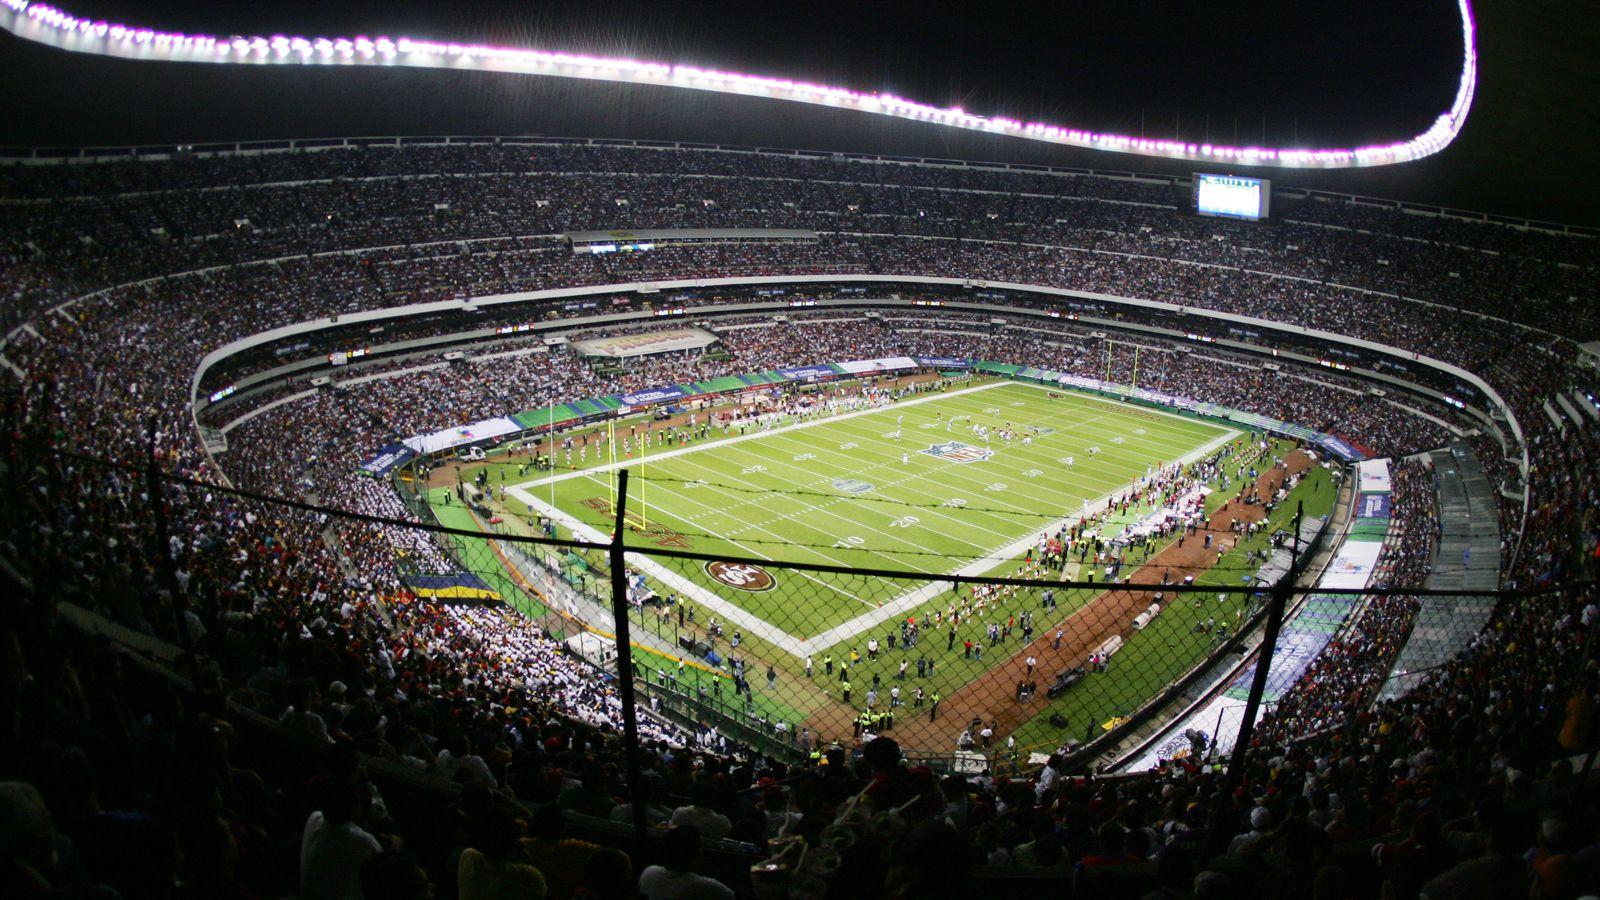 德州人队与突袭者队争夺墨西哥城的海拔